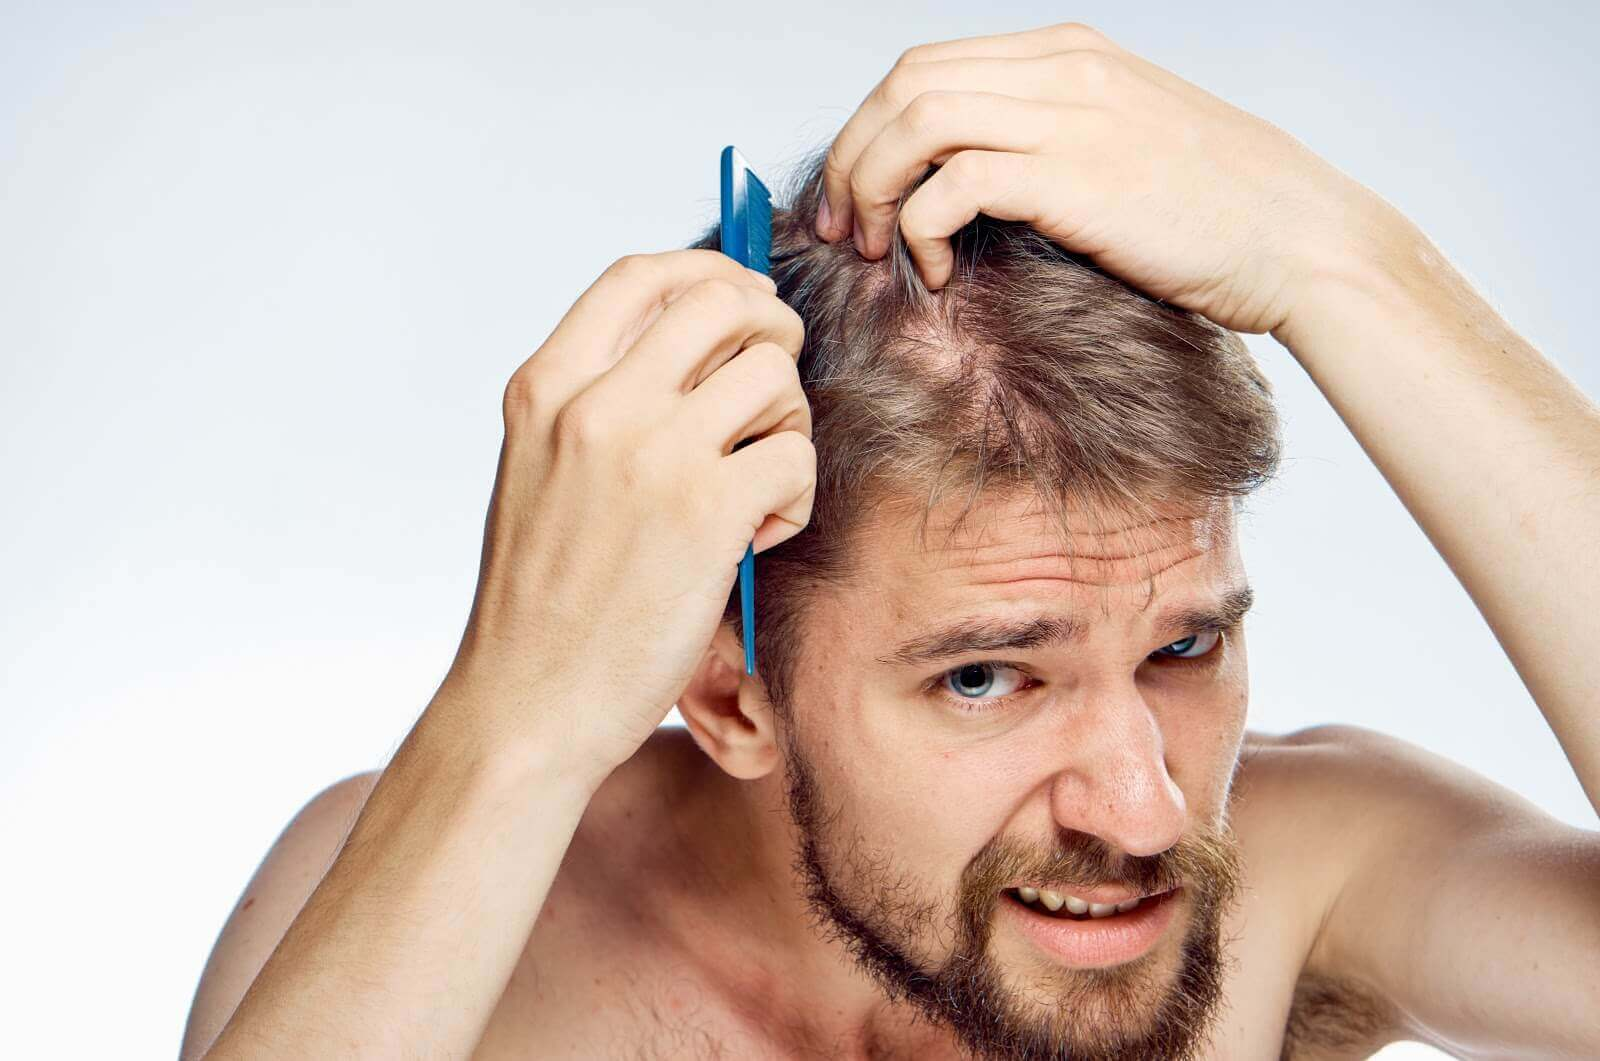 Nhuộm tóc có hại không